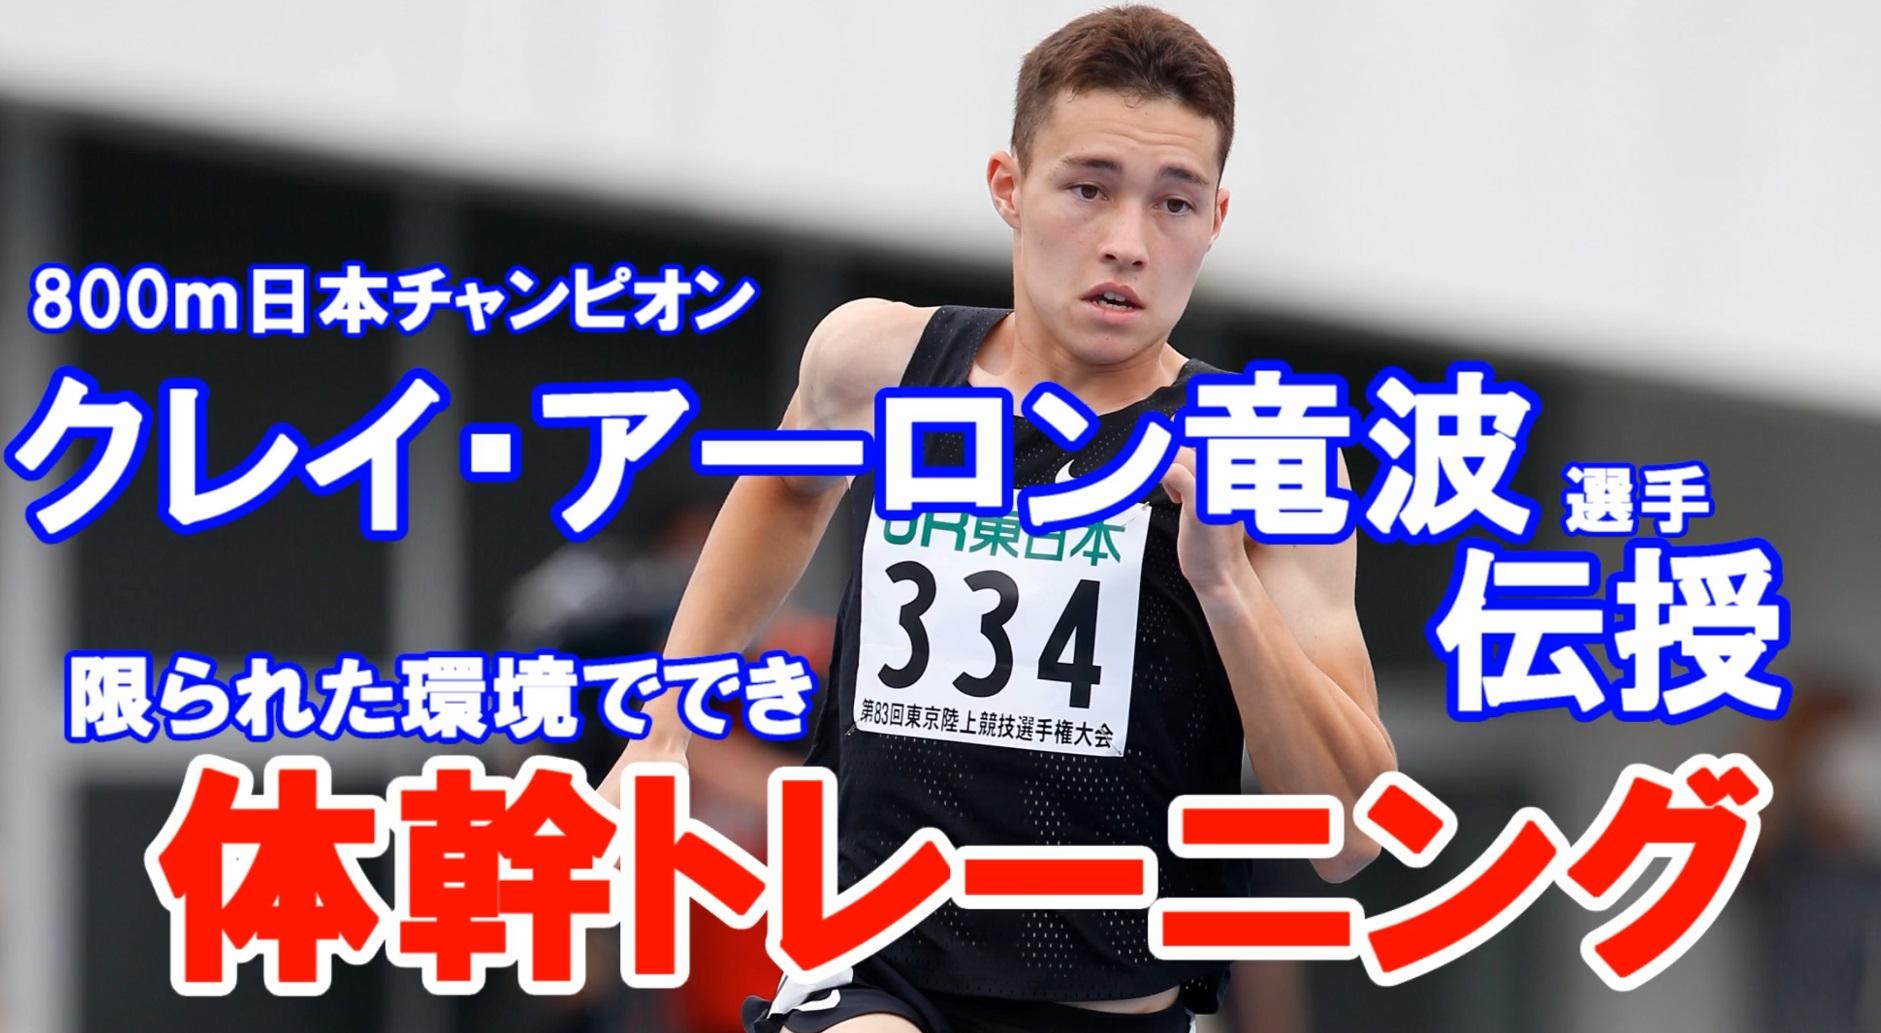 クレイ・アーロン竜波選手伝授体幹トレーニング